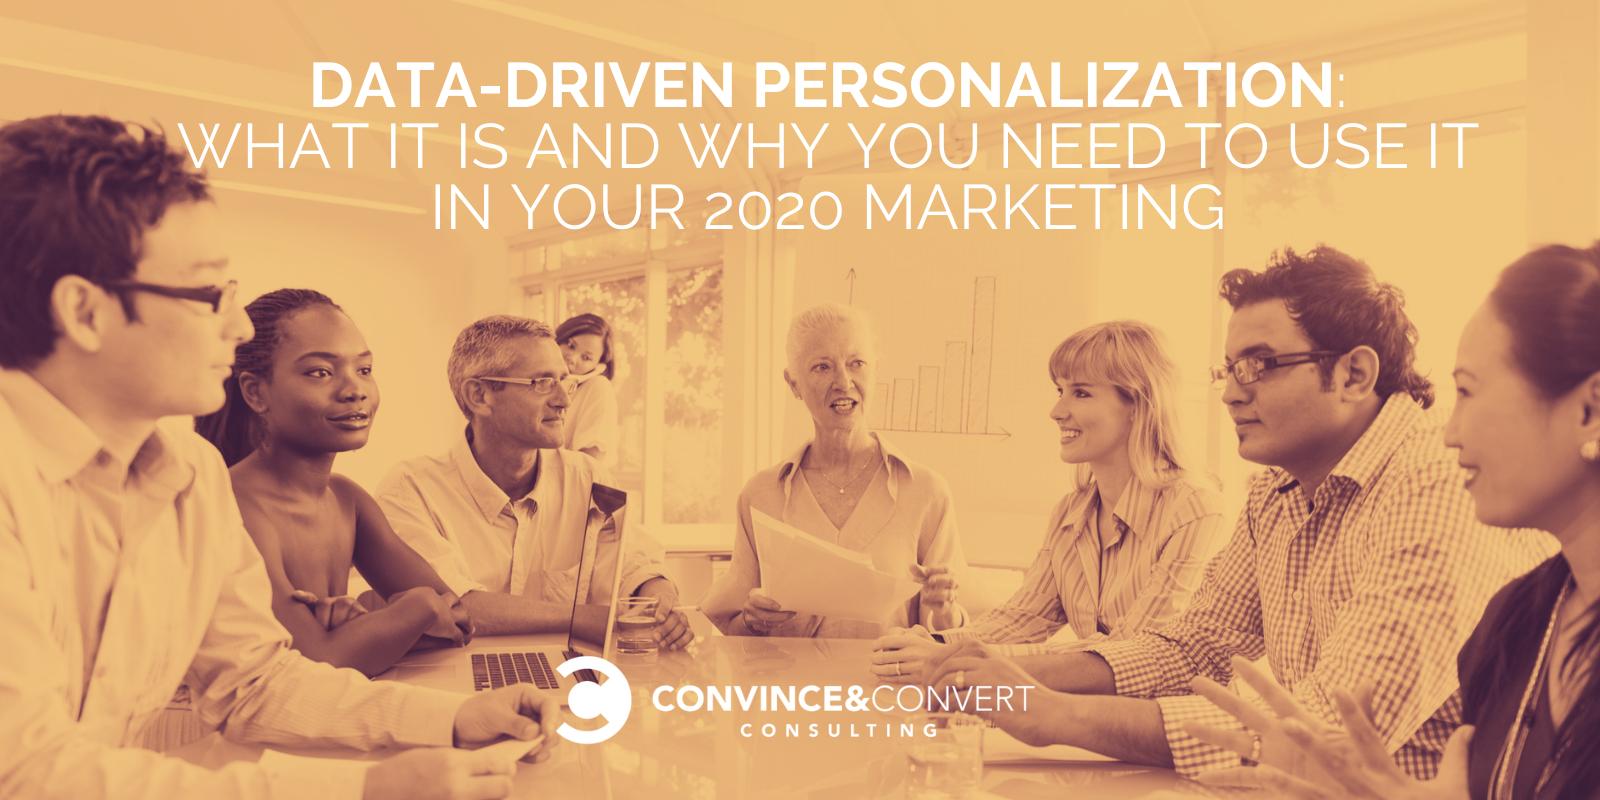 Personalizzazione basata sui dati_ Che cos'è e perché è necessario utilizzarlo nel marketing 2020